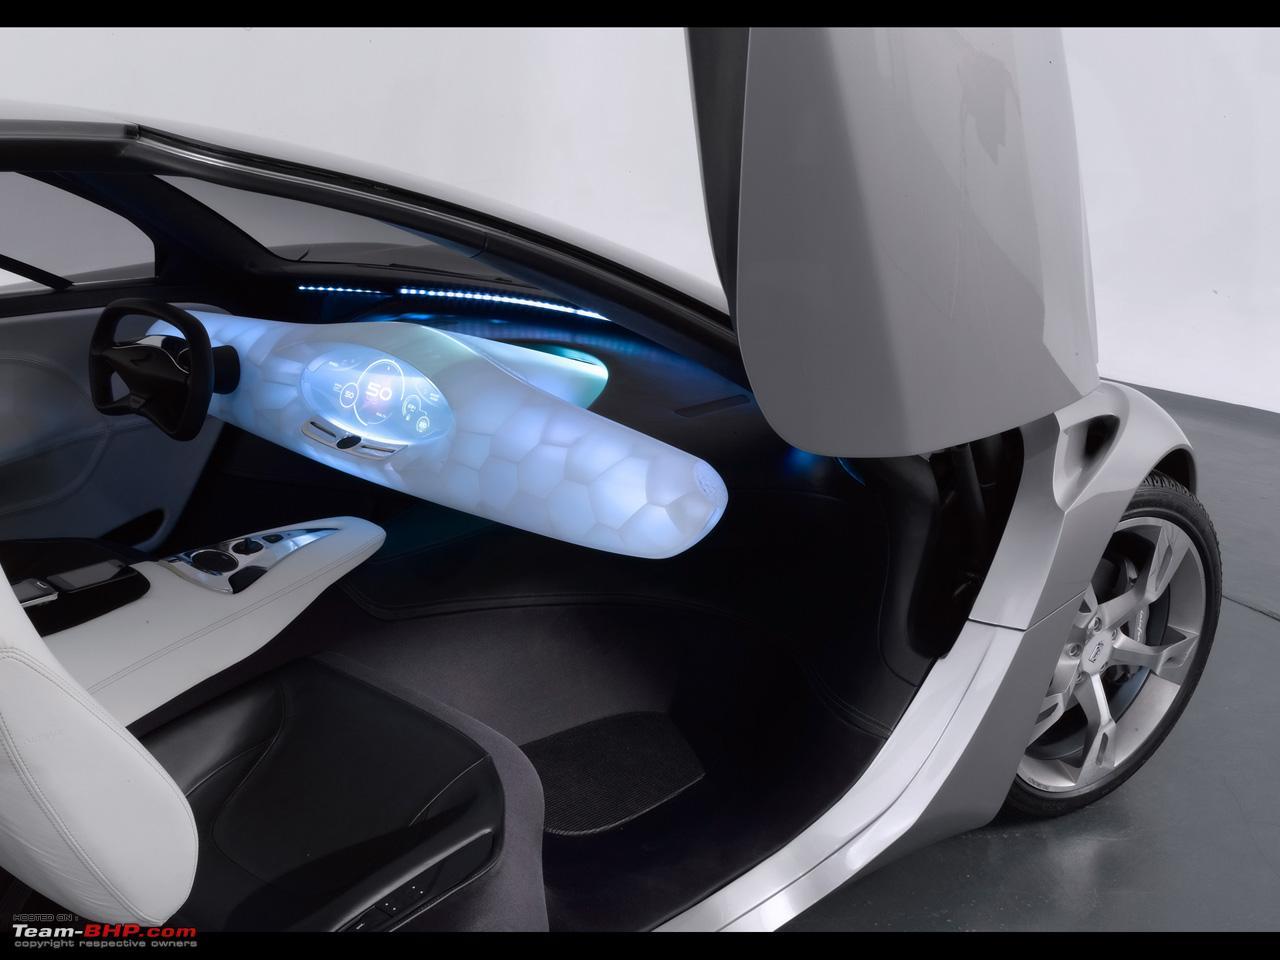 Wpływ Oświetlenia Wnętrza Samochodu Na Bezpieczeństwo Jazdy